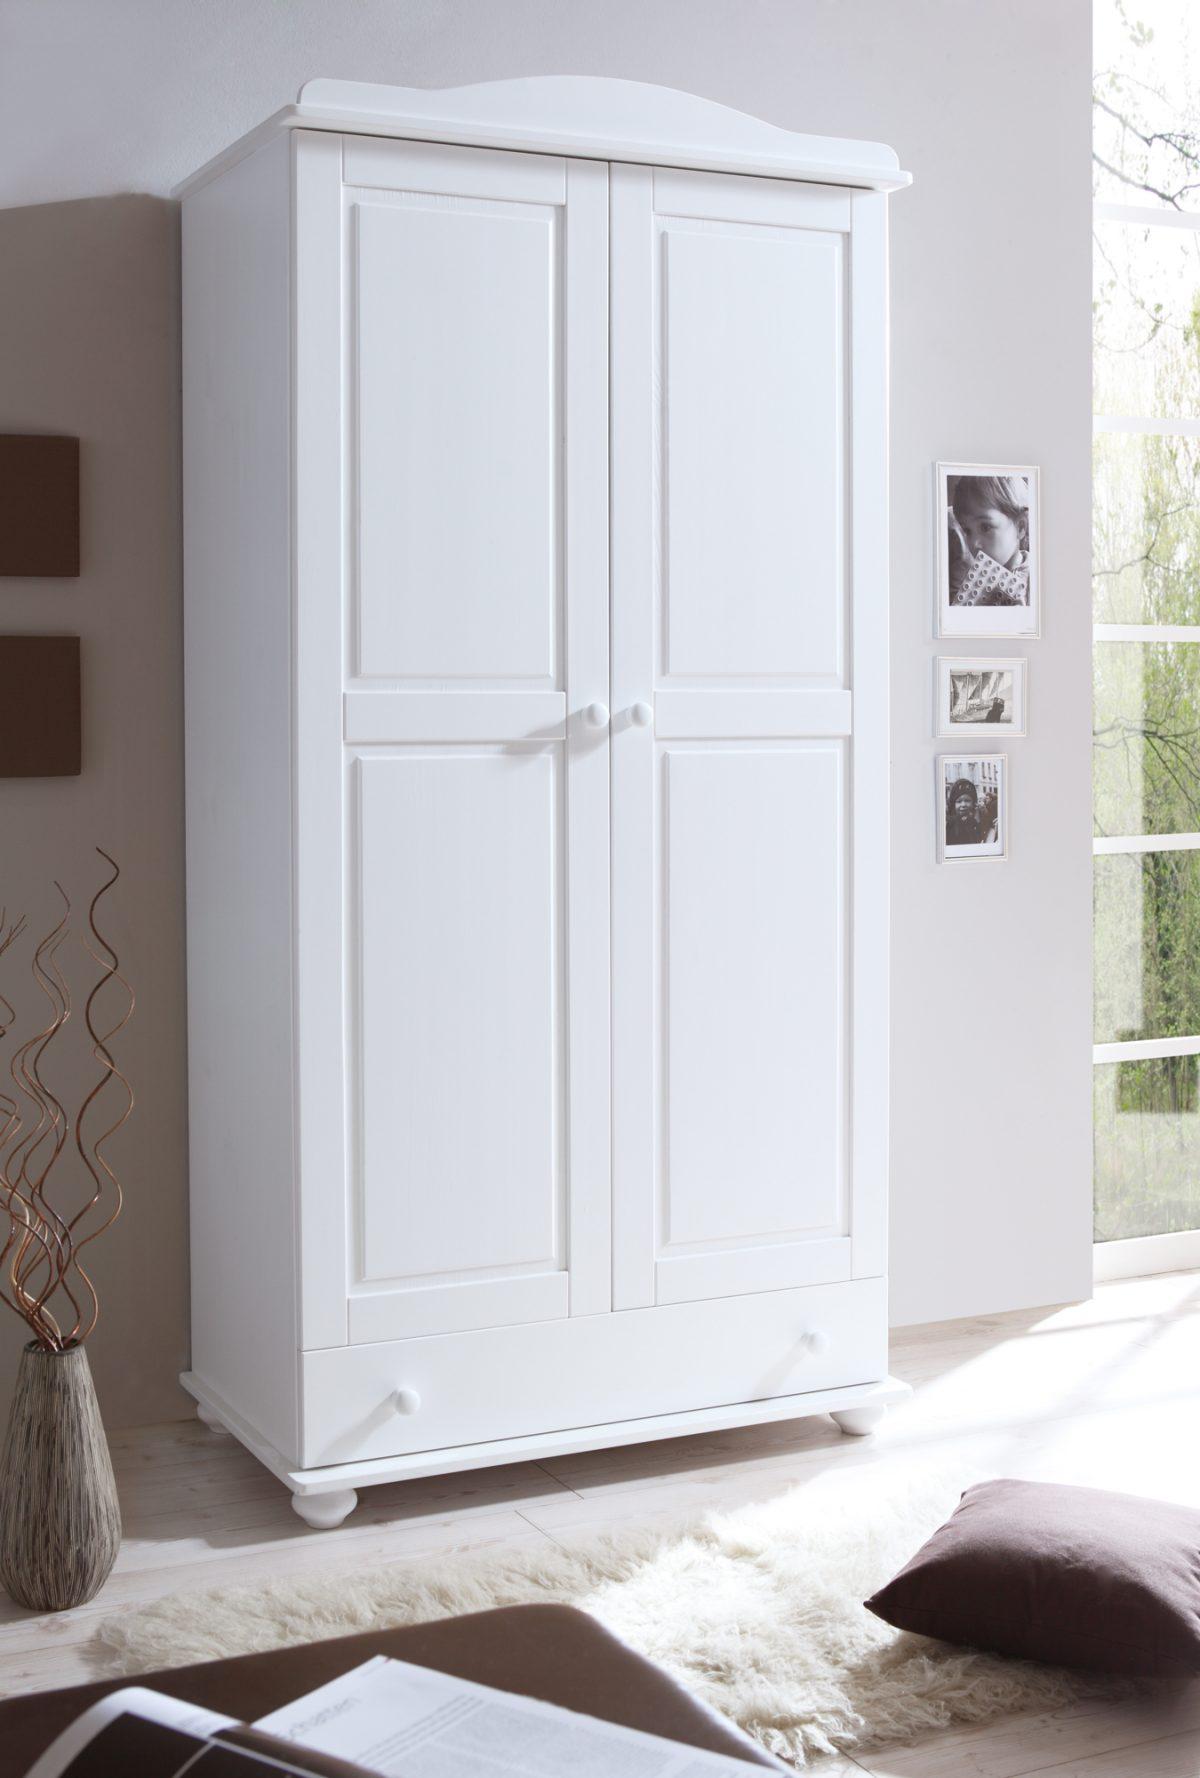 Kleiderschrank weiß landhausstil  Nauhuri.com | Kleiderschrank Weiß Landhausstil ~ Neuesten Design ...